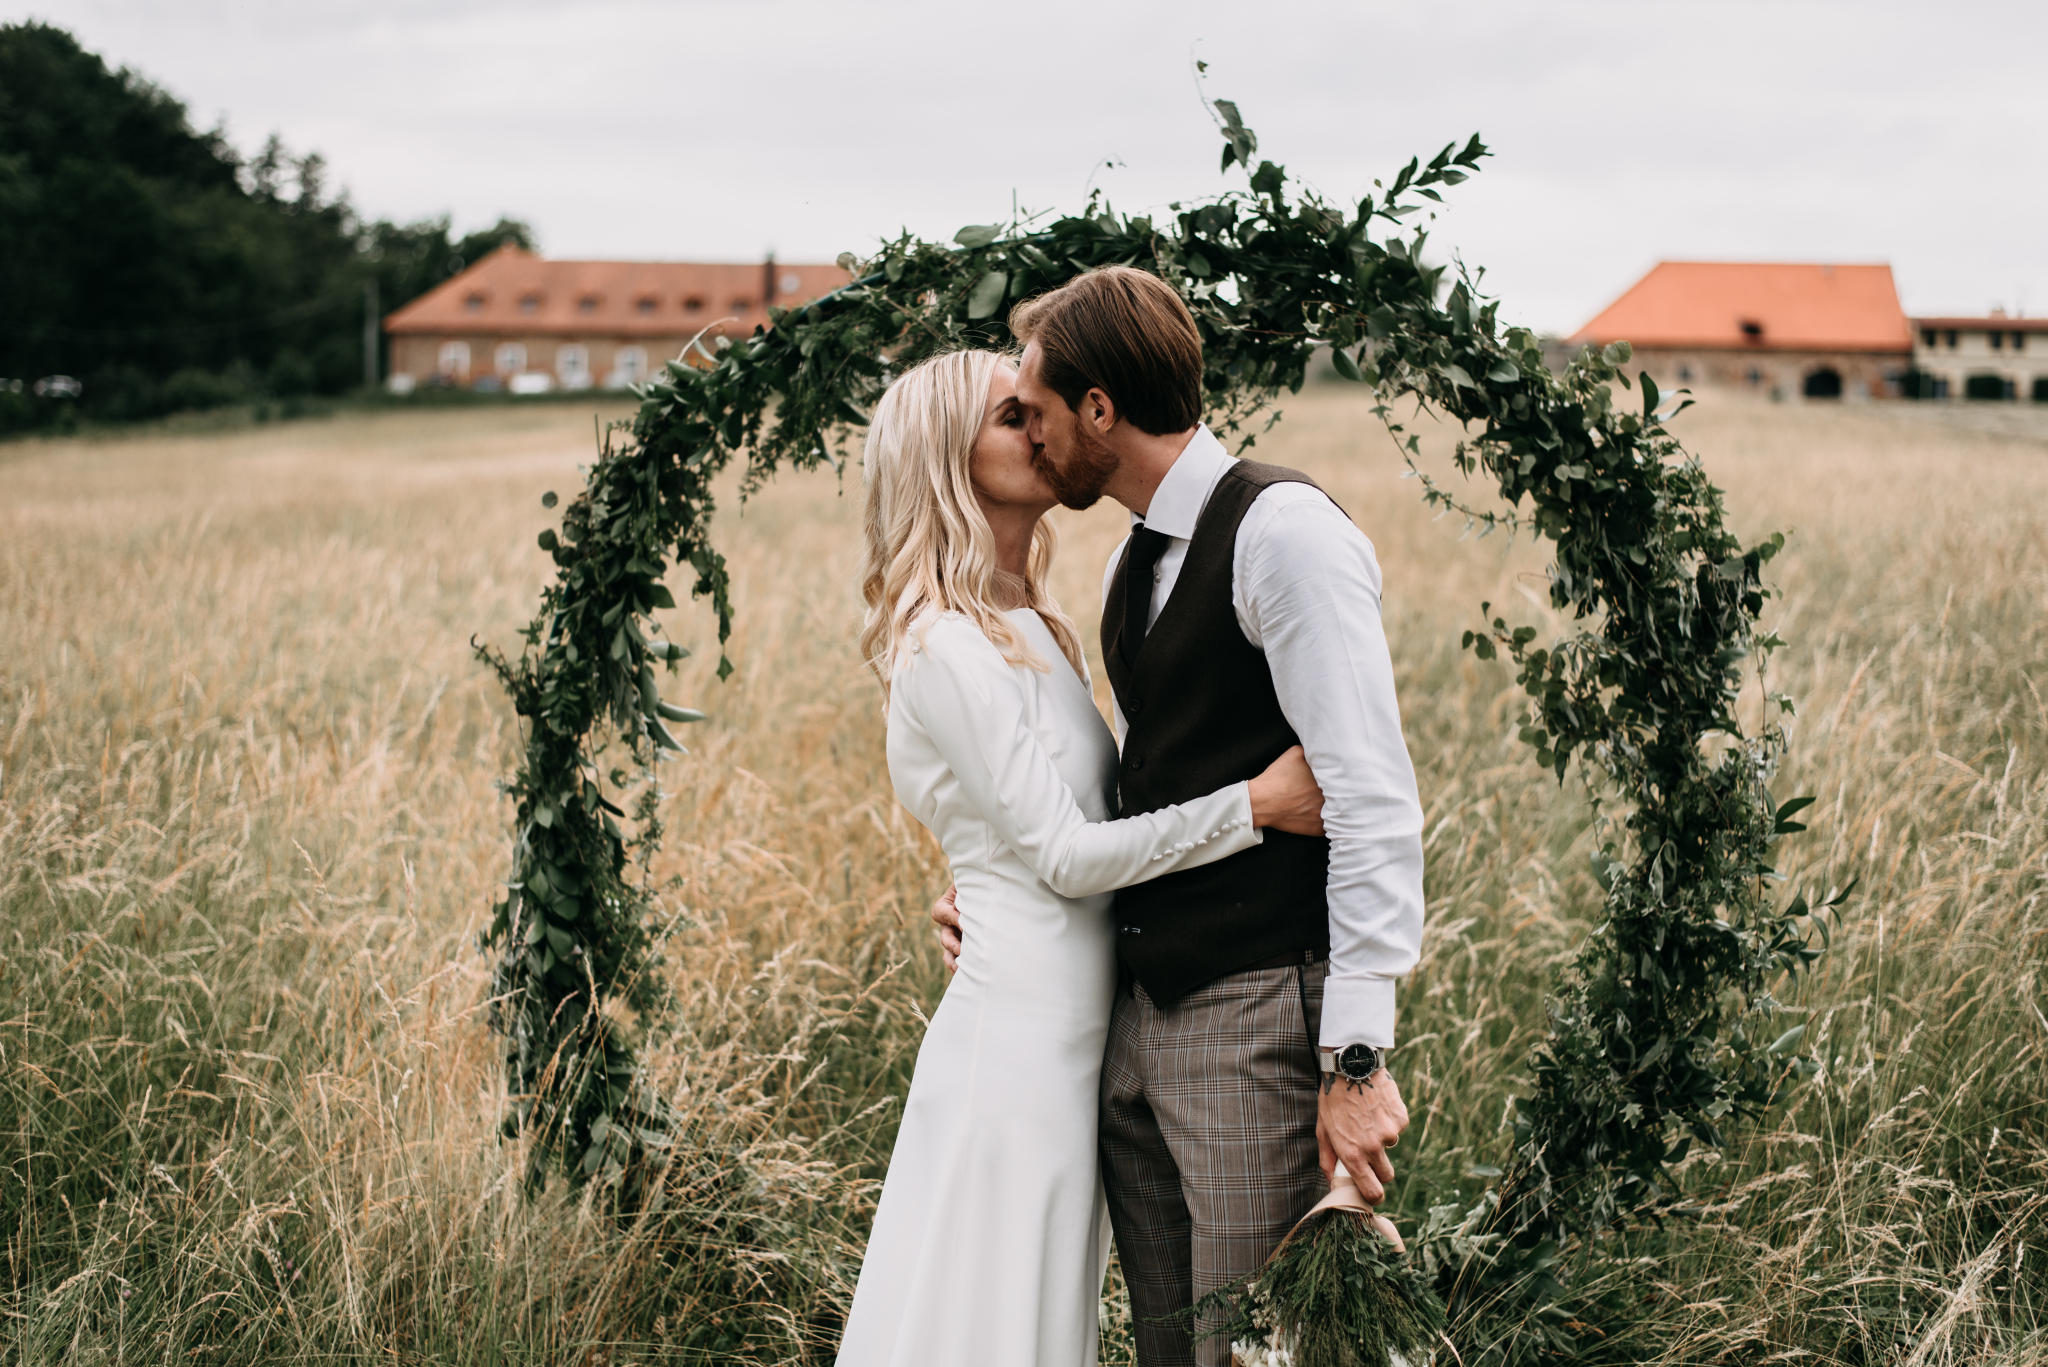 svatební obřad venku